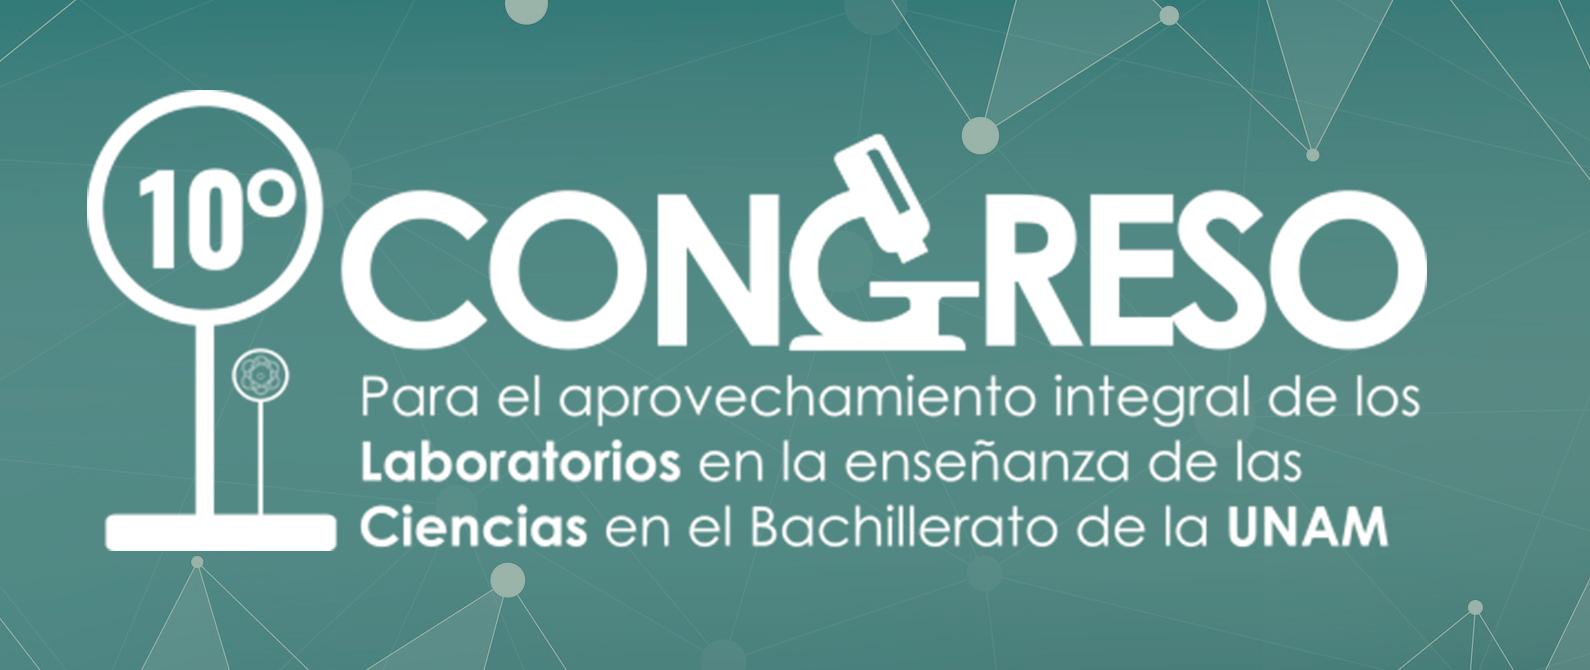 10° Congreso Lab de Ciencias